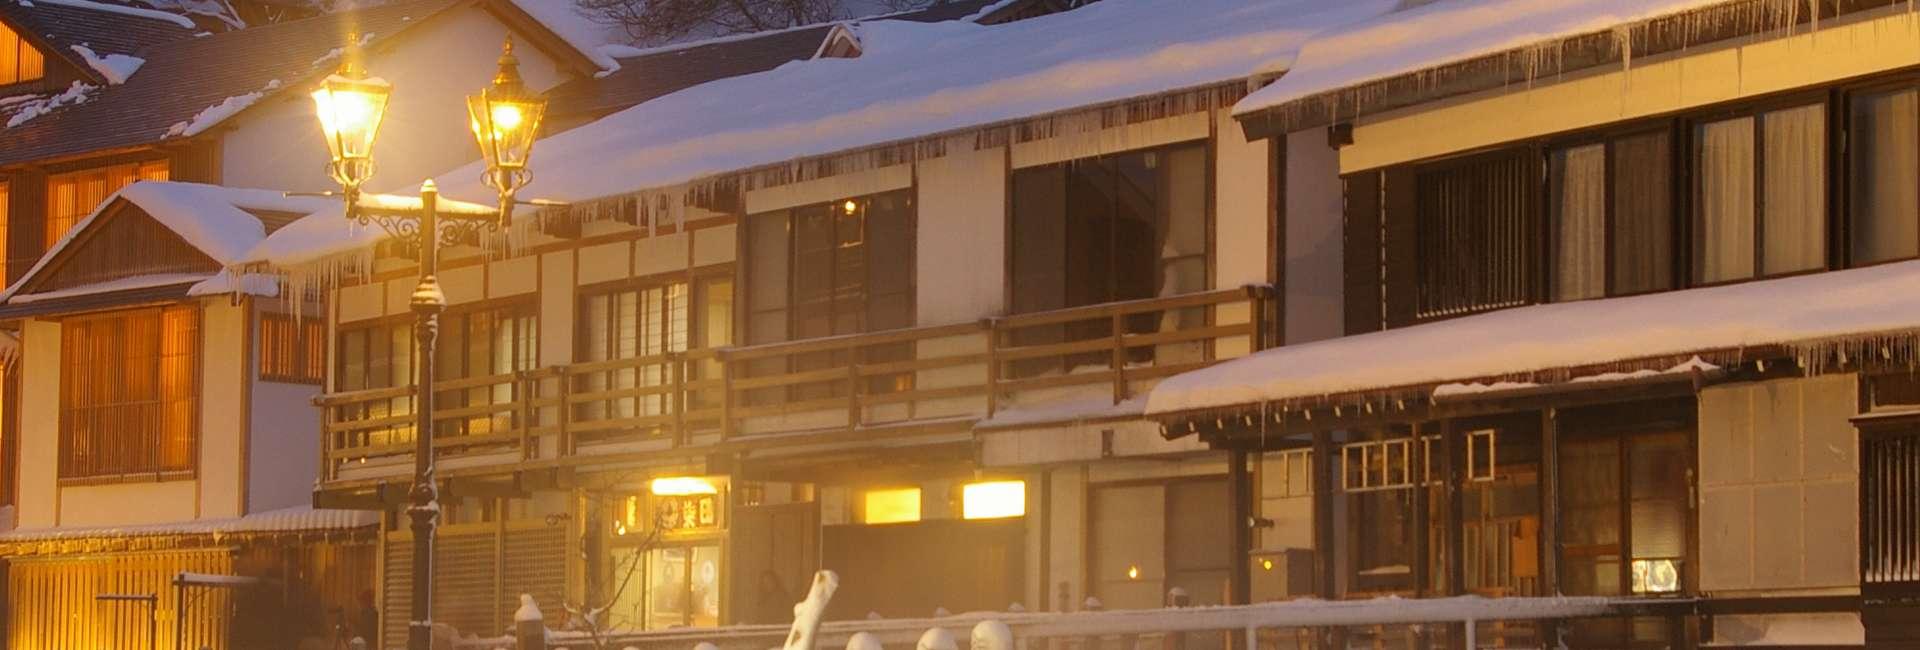 Ginzan Onsen sous la neige en hiver